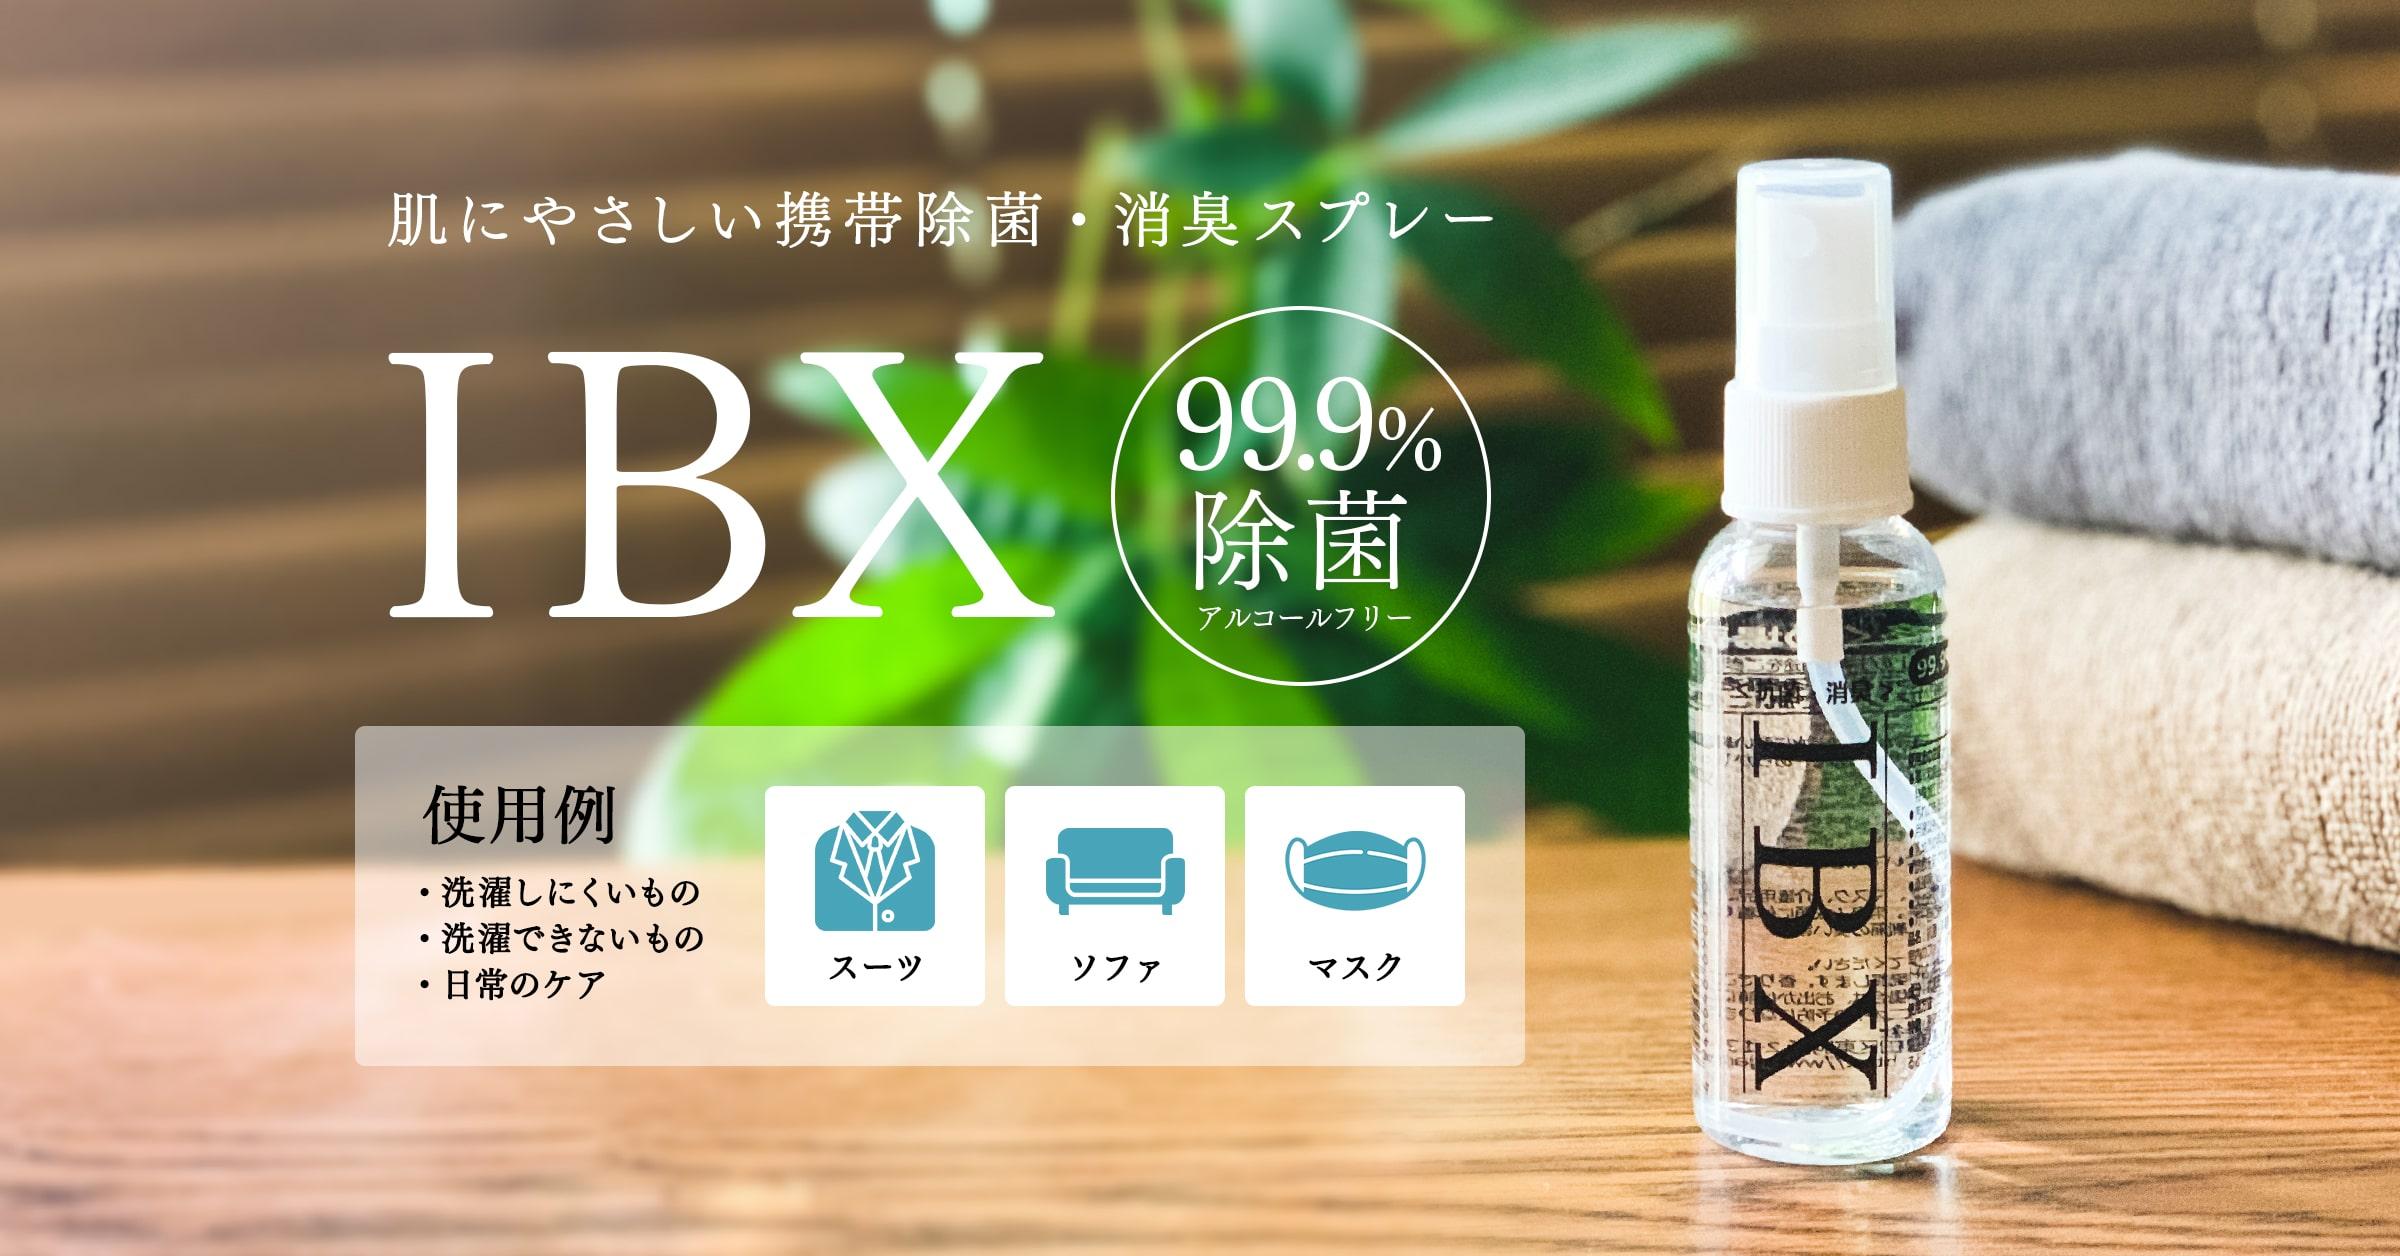 除菌スプレーIBX